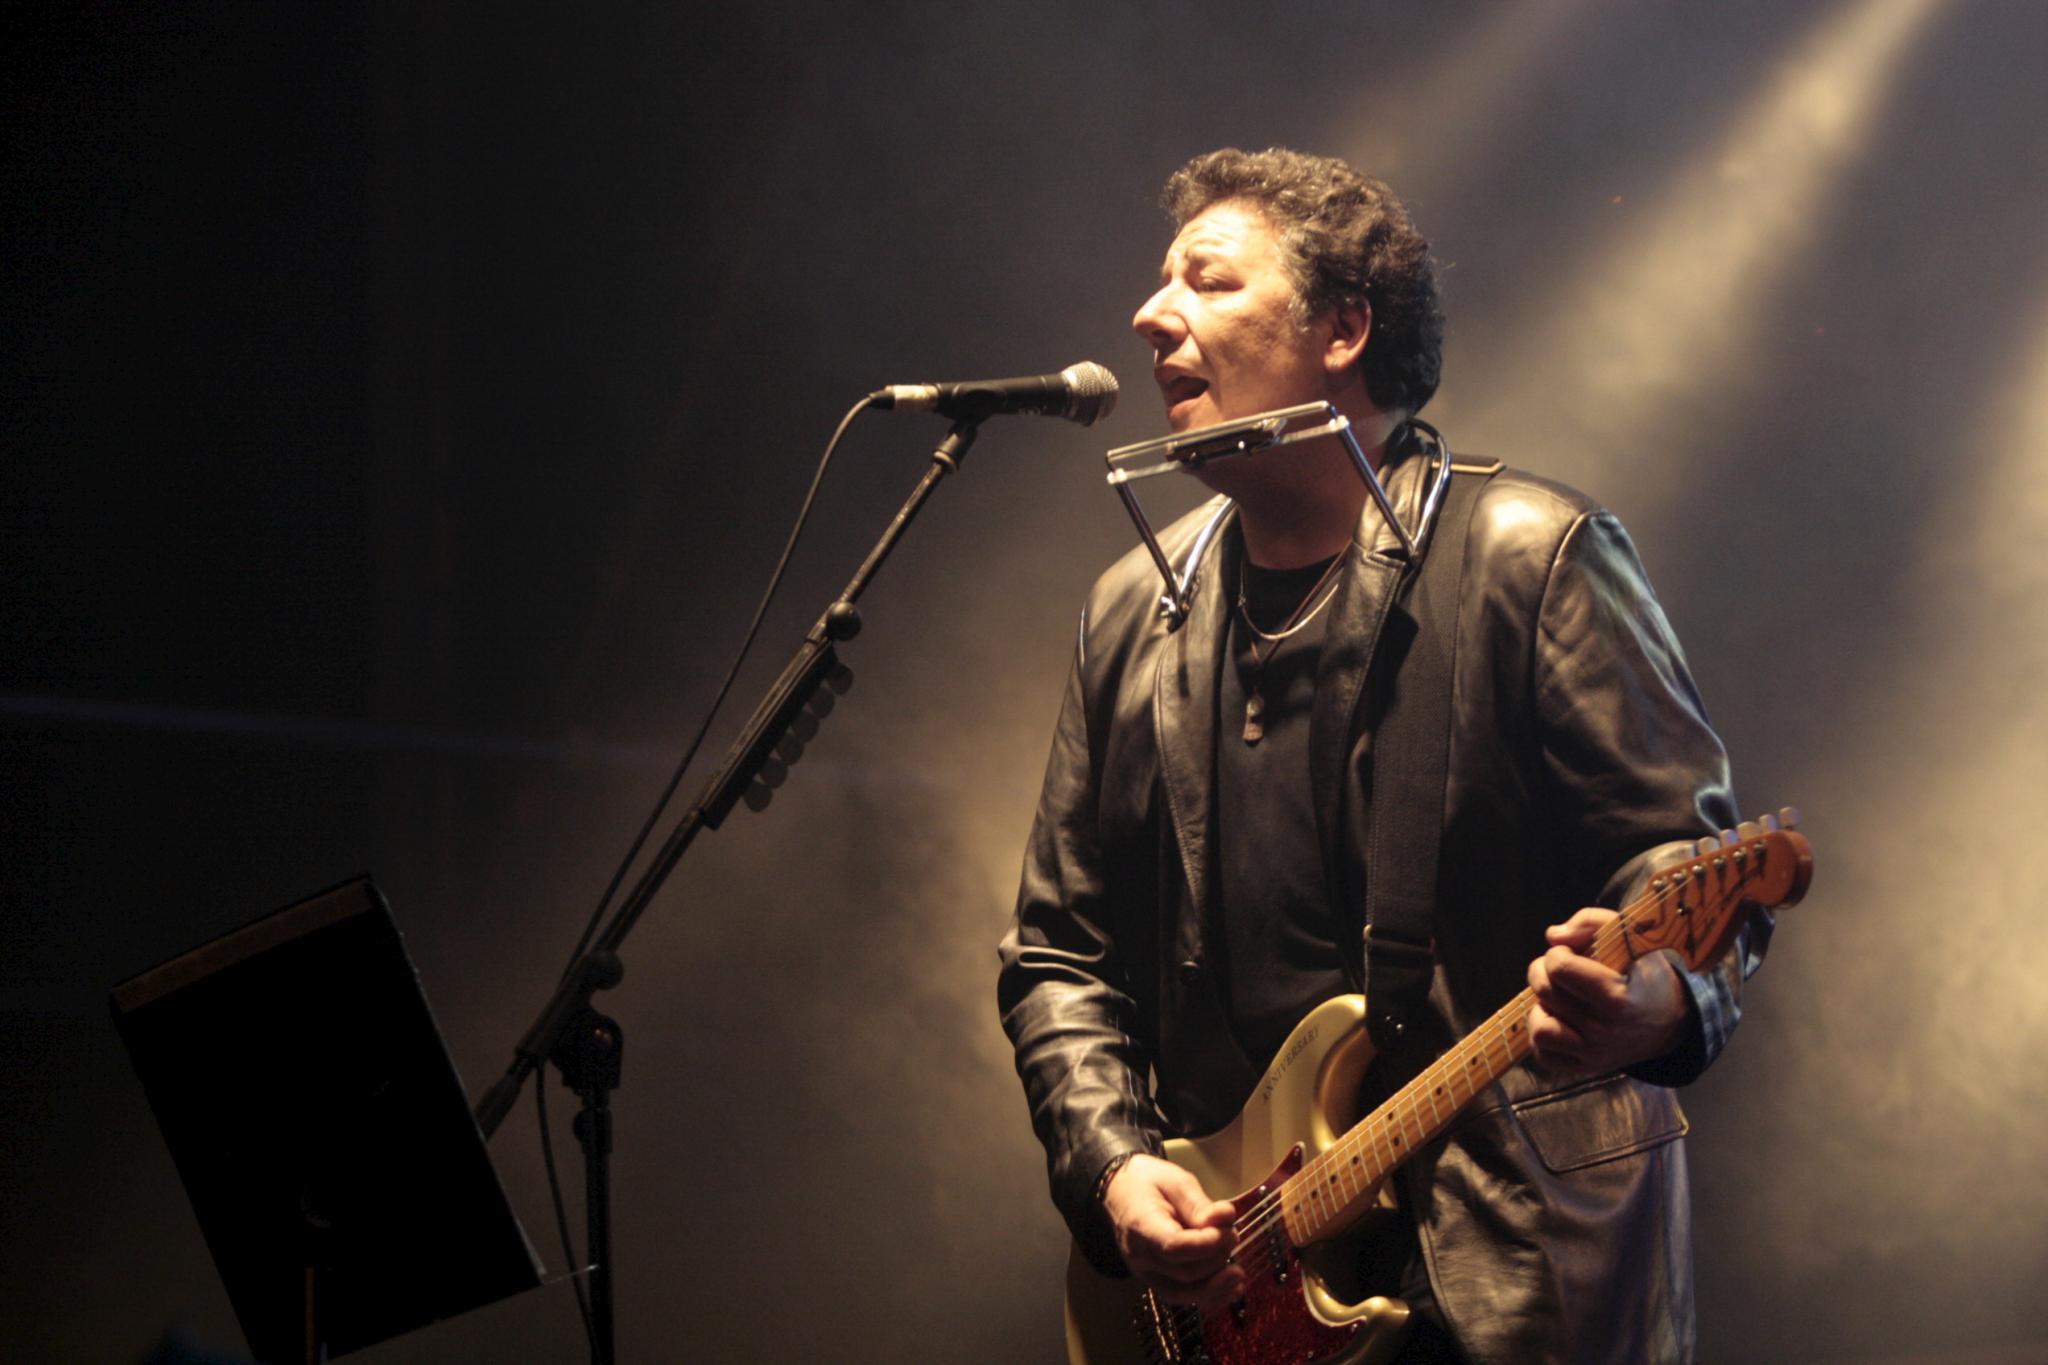 PALMA. FIESTAS POPULARES.ACTUACIONES MUSICALES EN LA REVETLA DE SANT SEBASTIA 2009 .